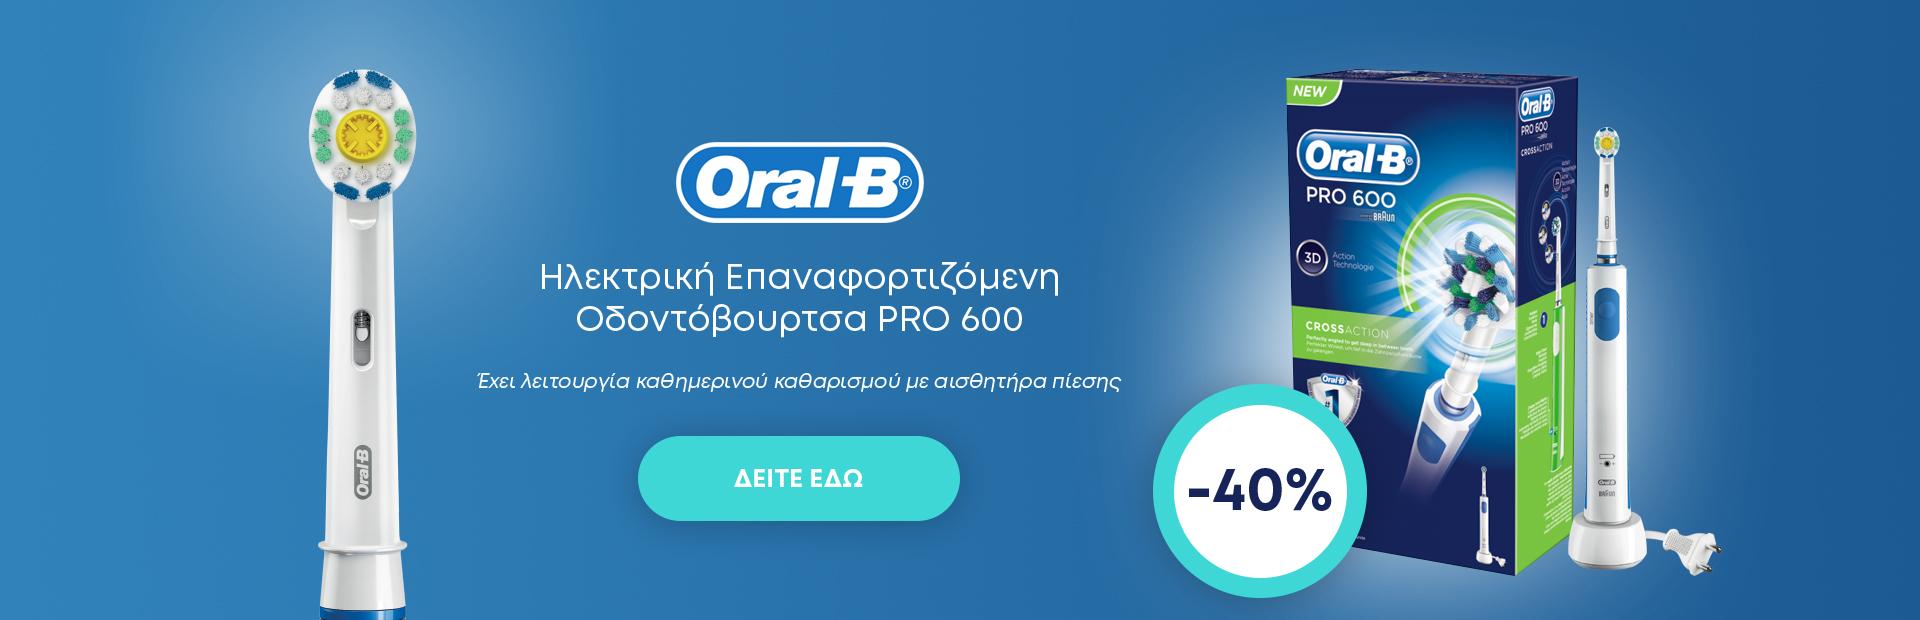 Oral B -40%